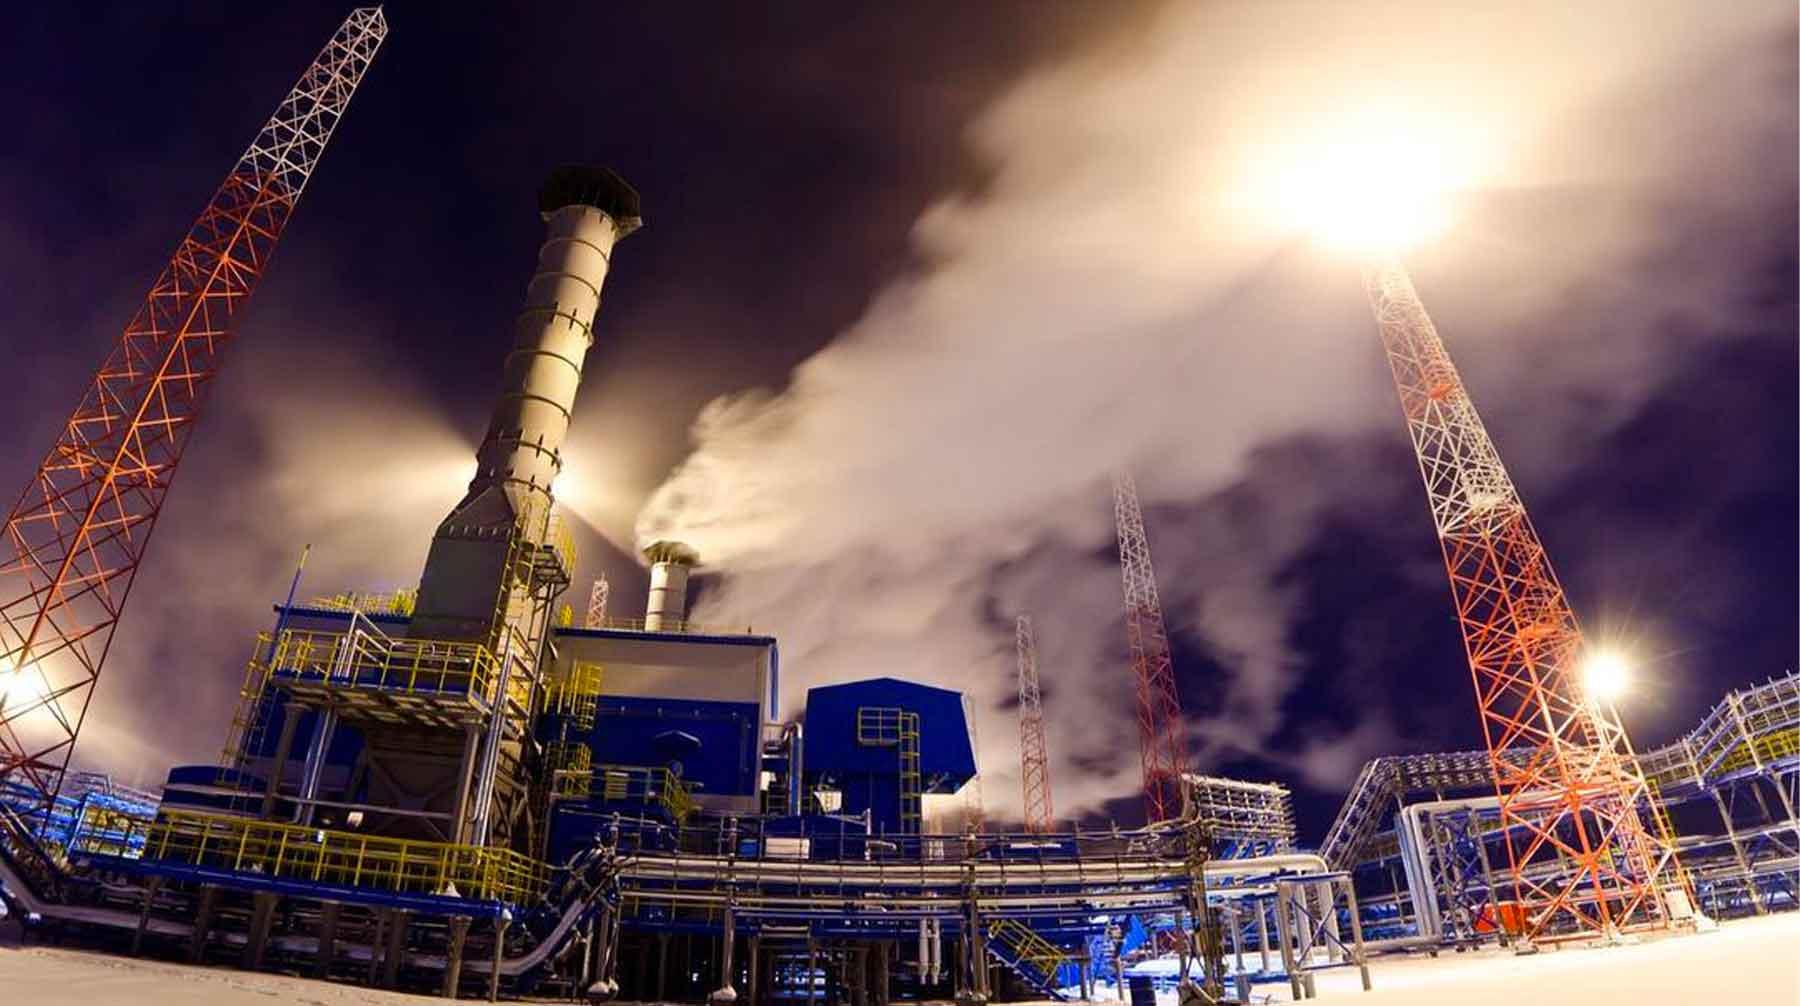 При остановке транзита в трубах не хватит давления чтобы поставлять газ во все регионы страны заявил бывший чиновник